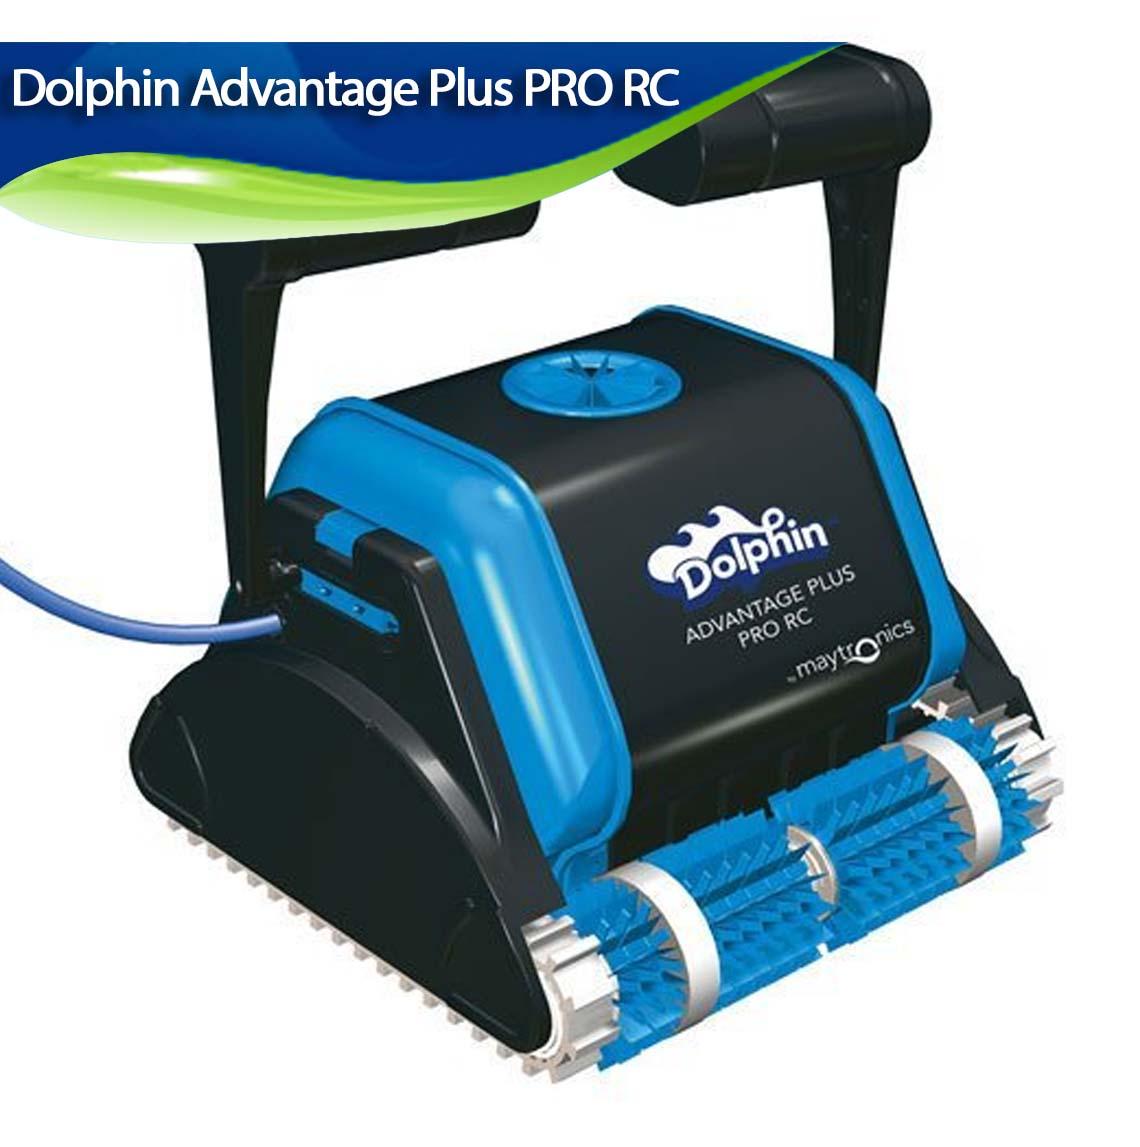 Dolphin Advantage Plus Pro Rc Review Best Robotic Pool